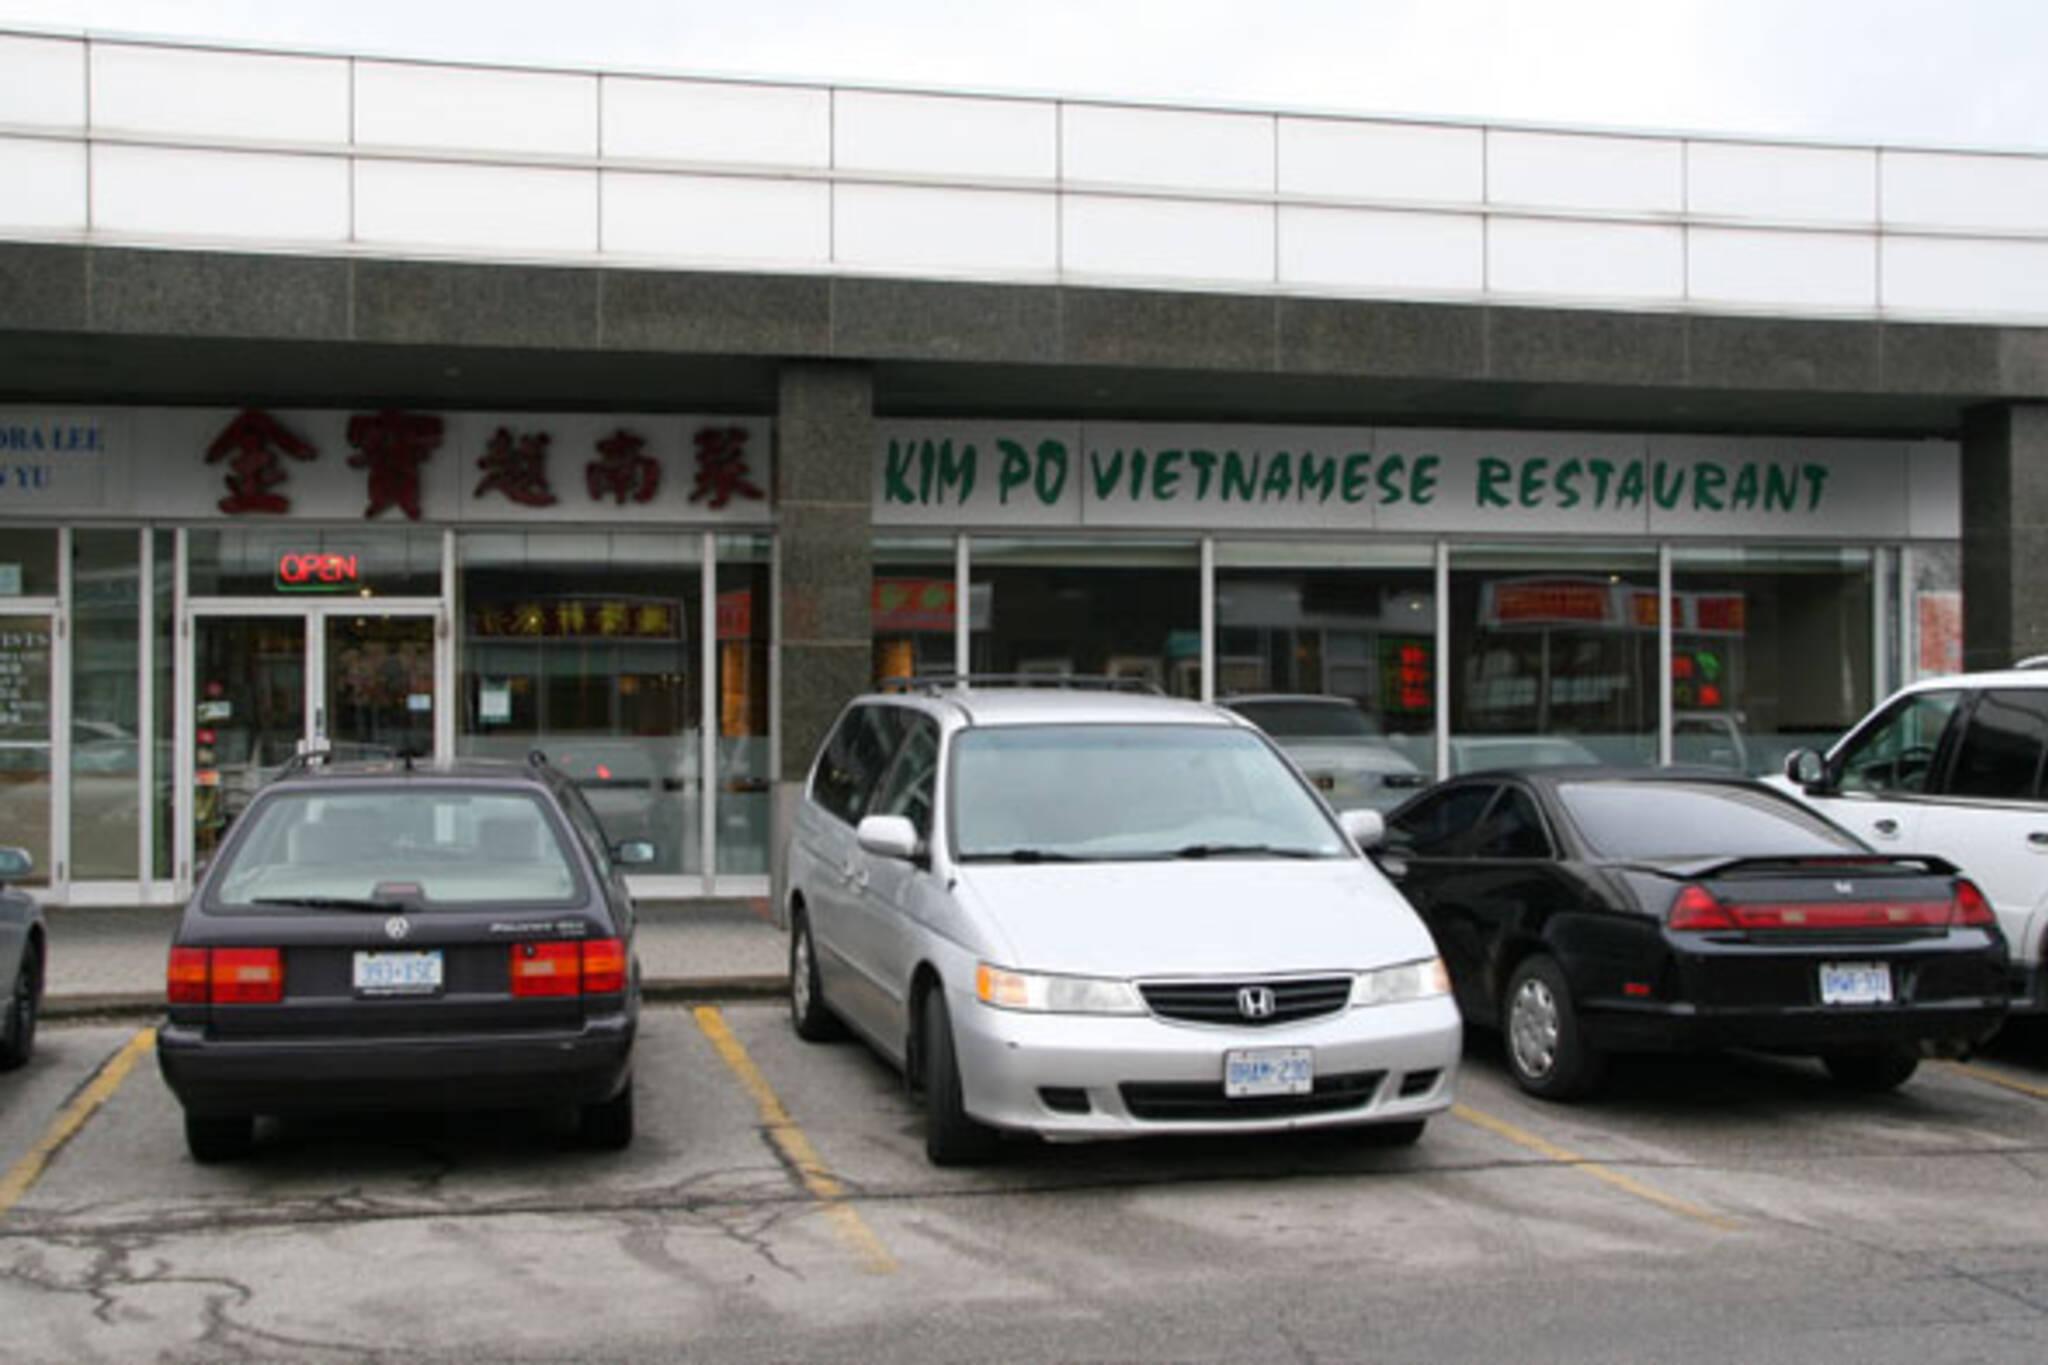 Kim Po Vietnamese Restaurant Richmond Hill